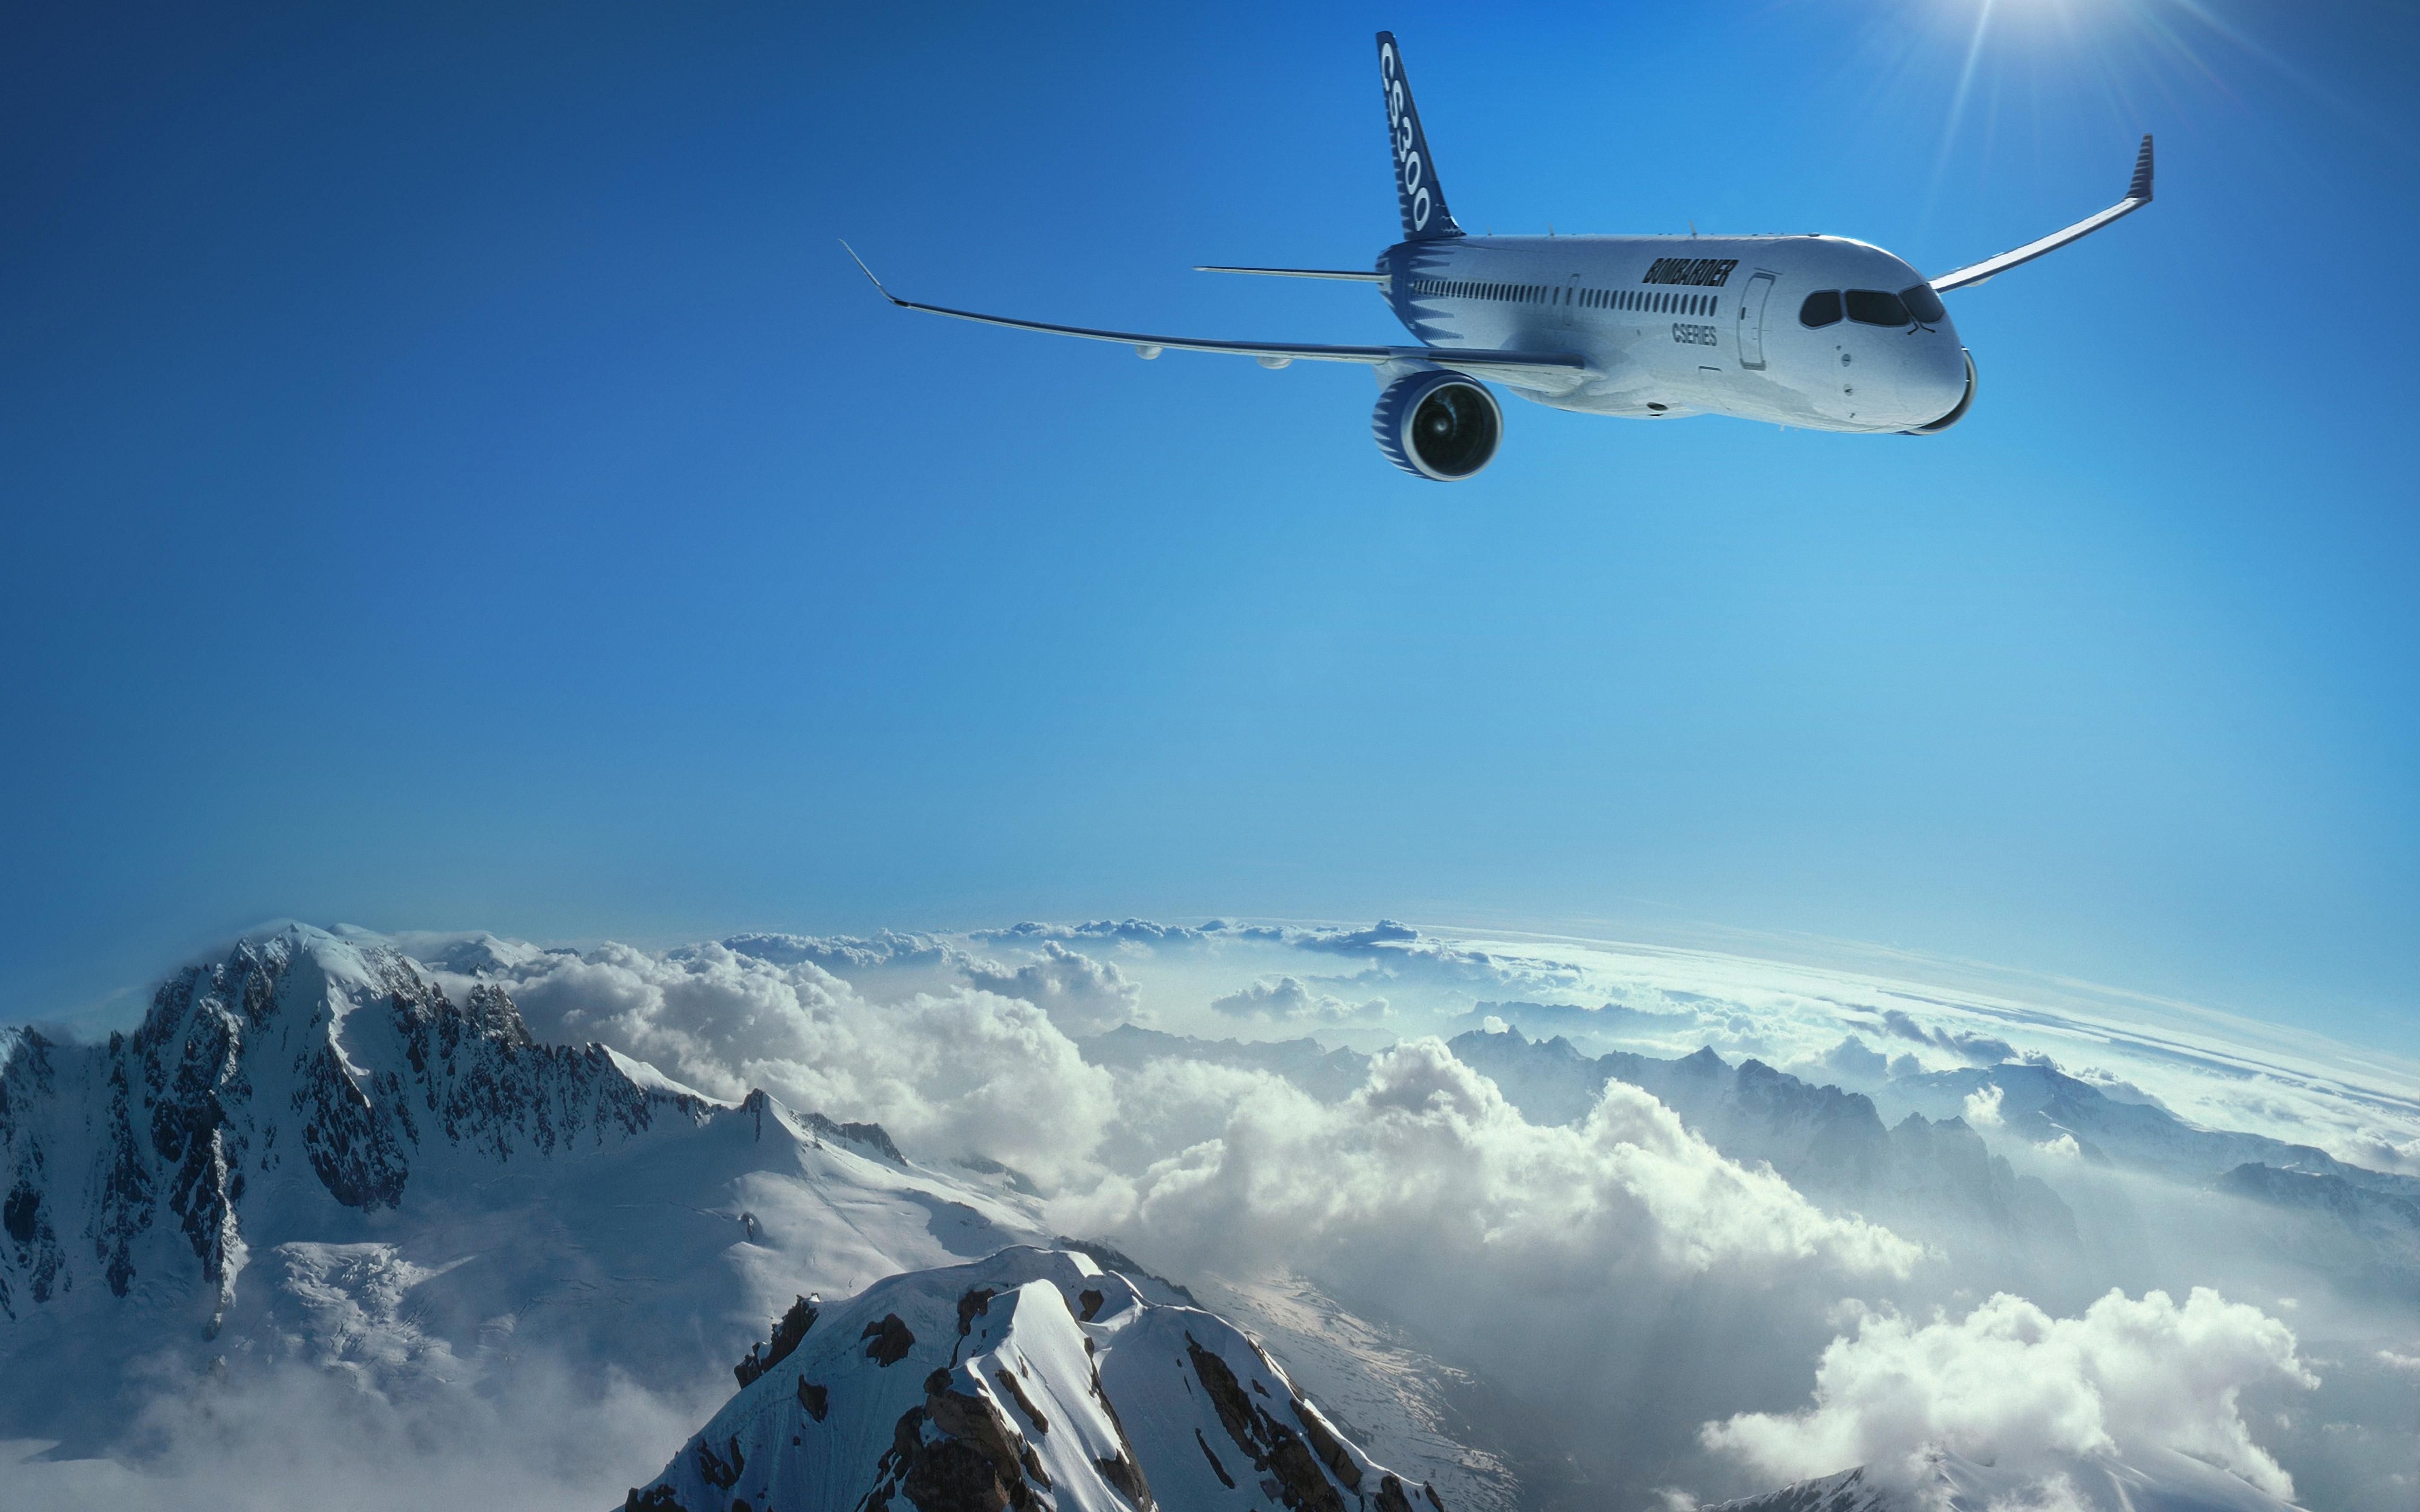 Картинка: Самолёт, летит, небо, облака, пейзаж, горы, солнце